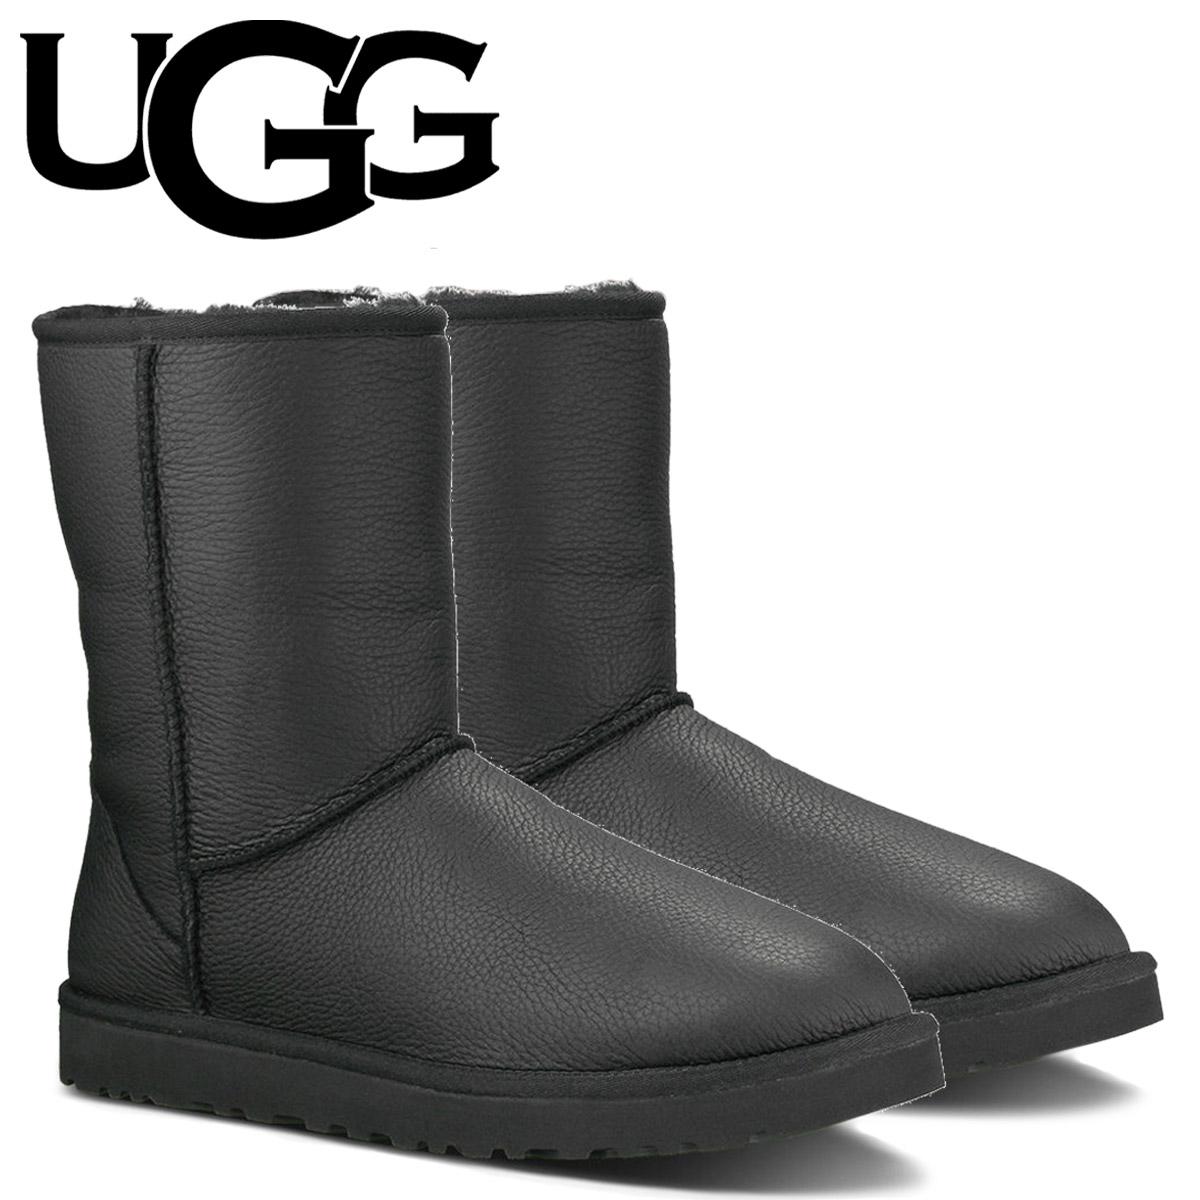 a71255dfb89 UGG UGG men's classic short Shearling boots MENS CLASSIC SHORT 1003944 black